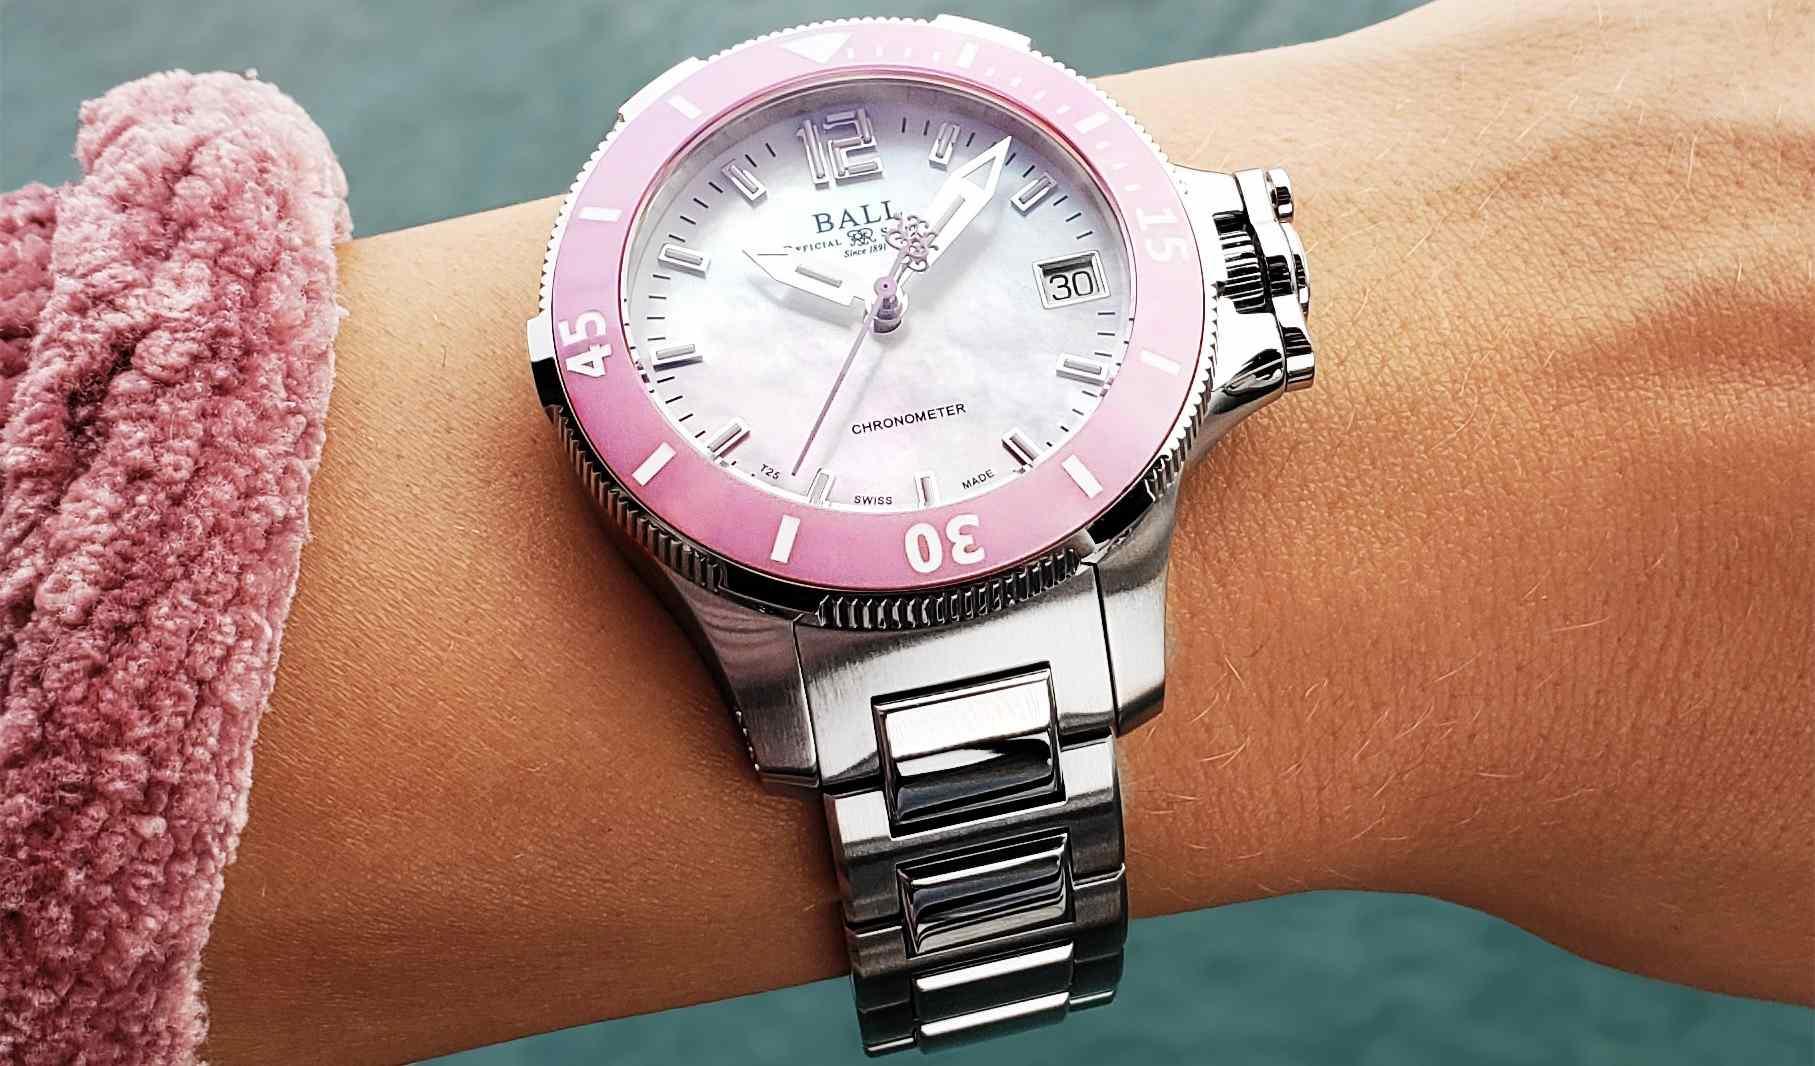 未來感美學時計:BALL Watch Engineer Hydrocarbon Ceramic Midsize粉紅陶瓷女錶